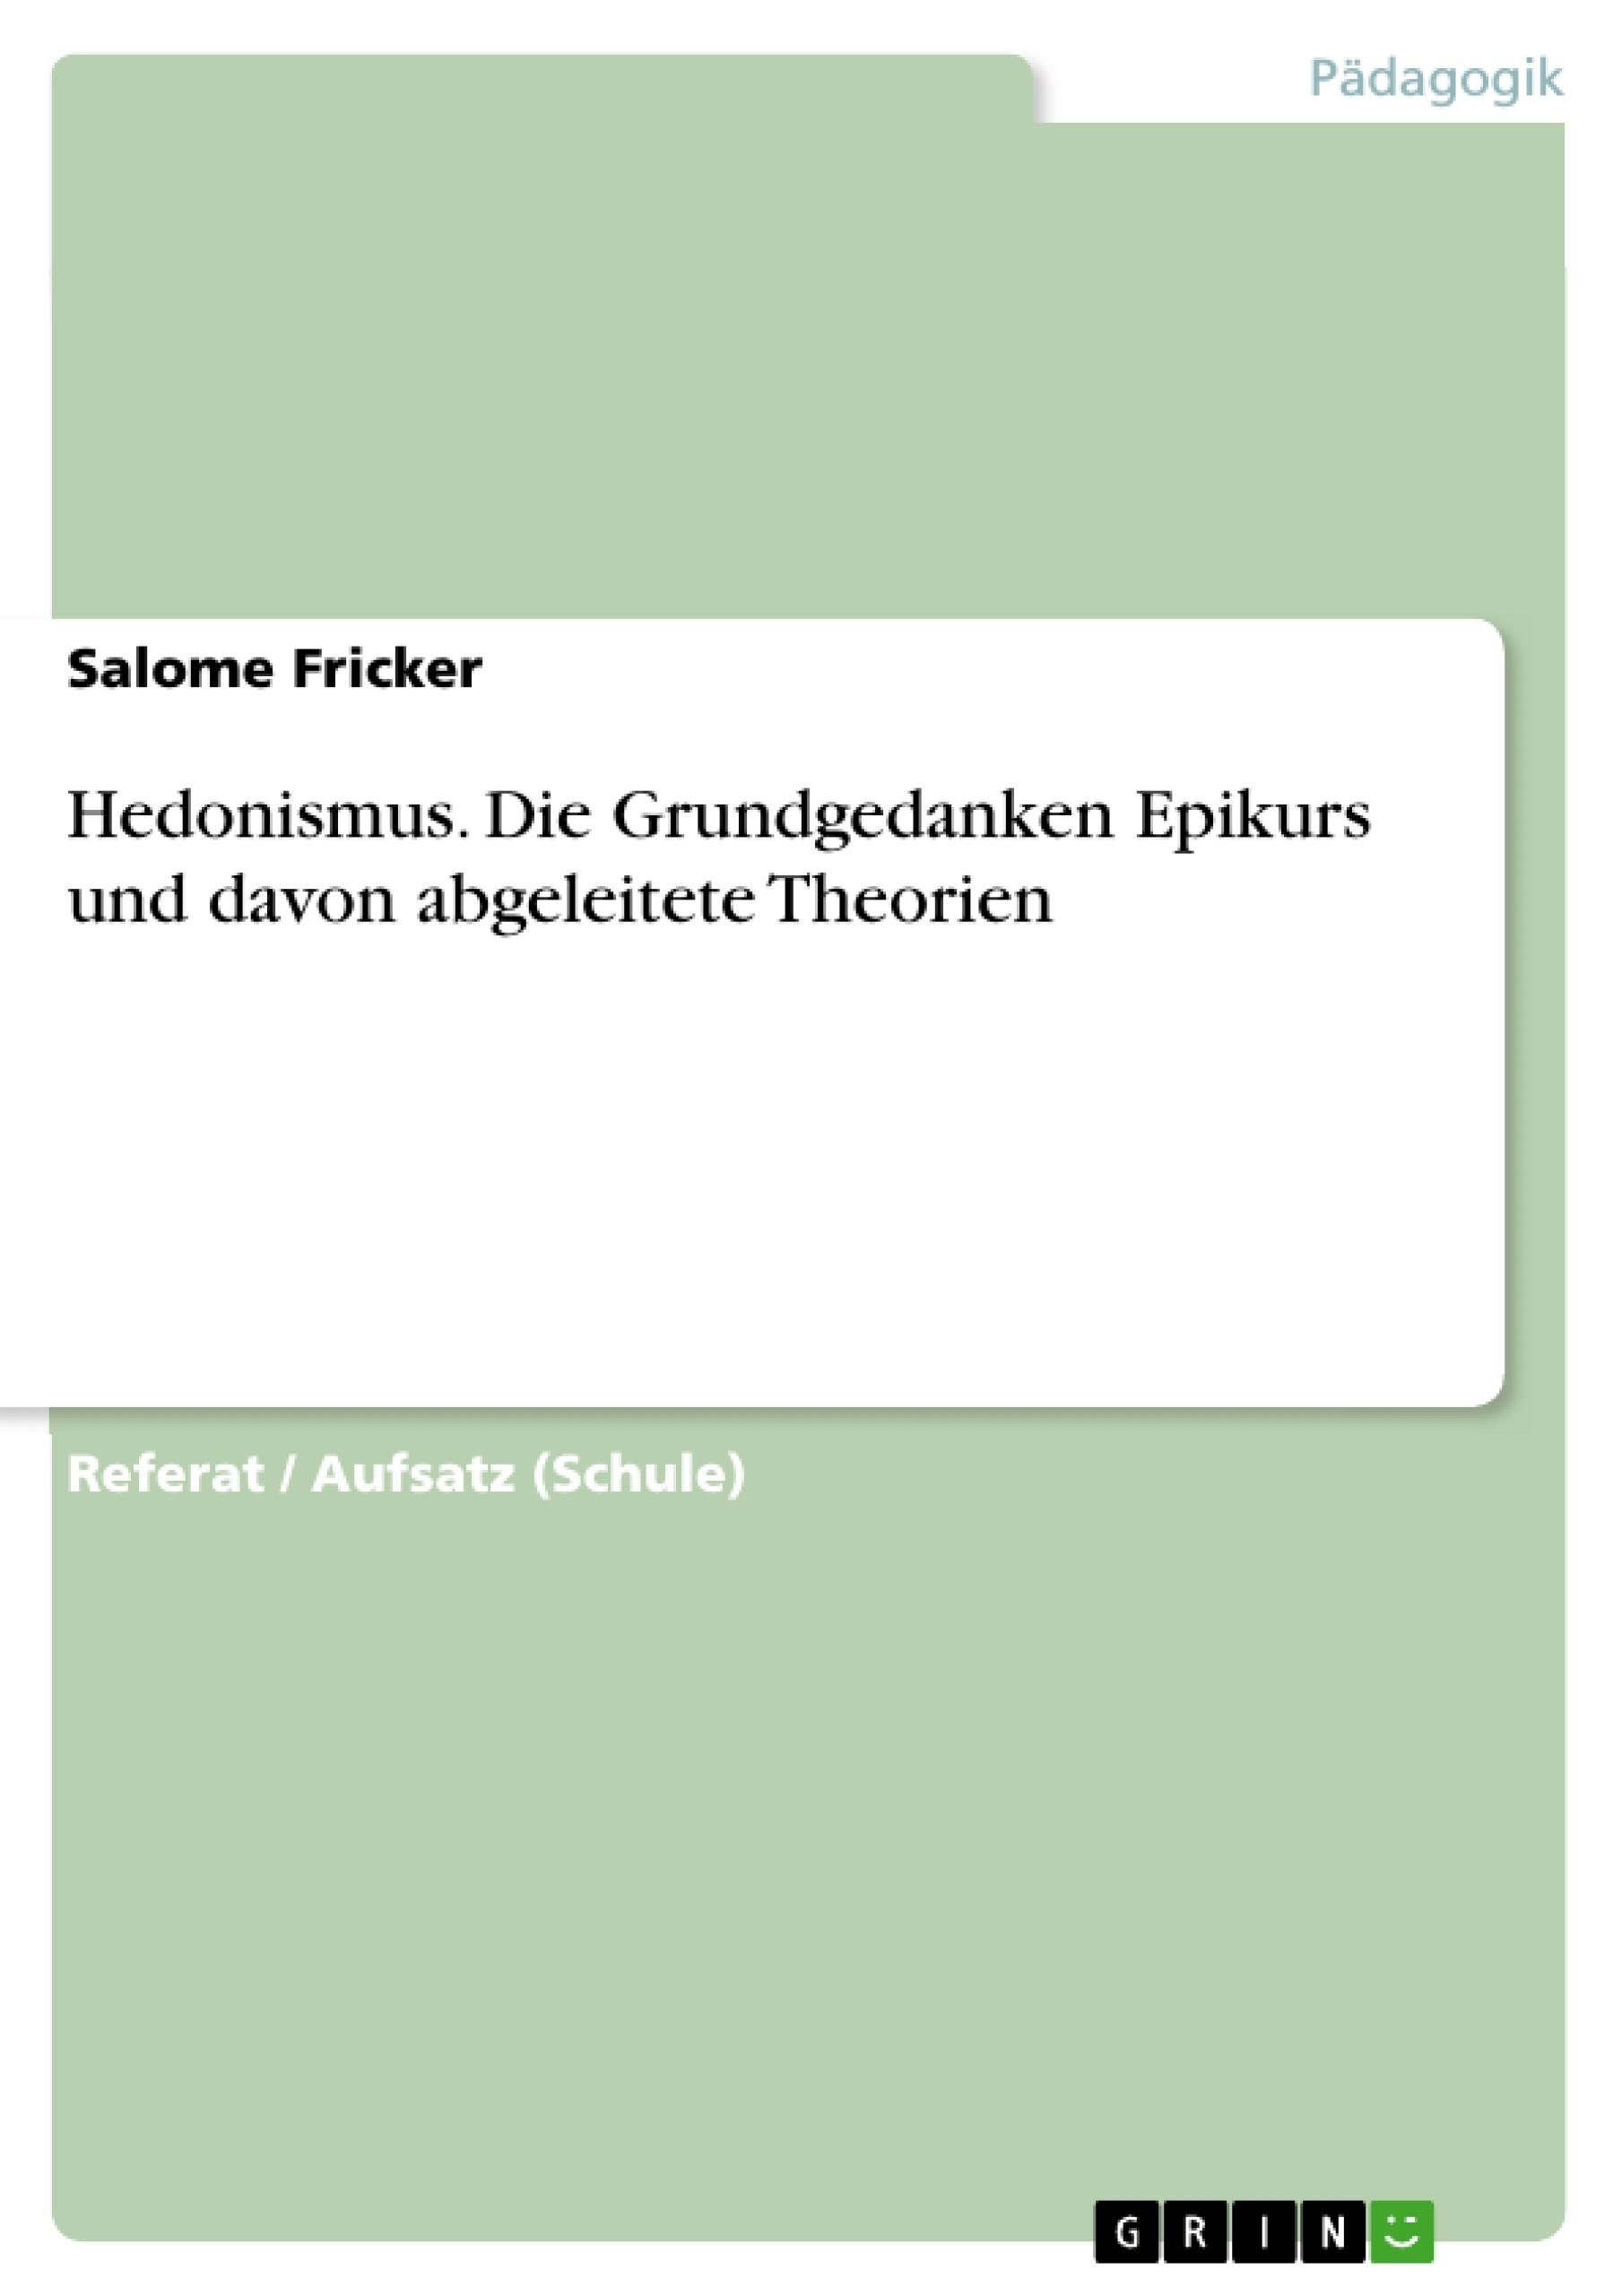 Titel: Hedonismus. Die Grundgedanken Epikurs und davon abgeleitete Theorien